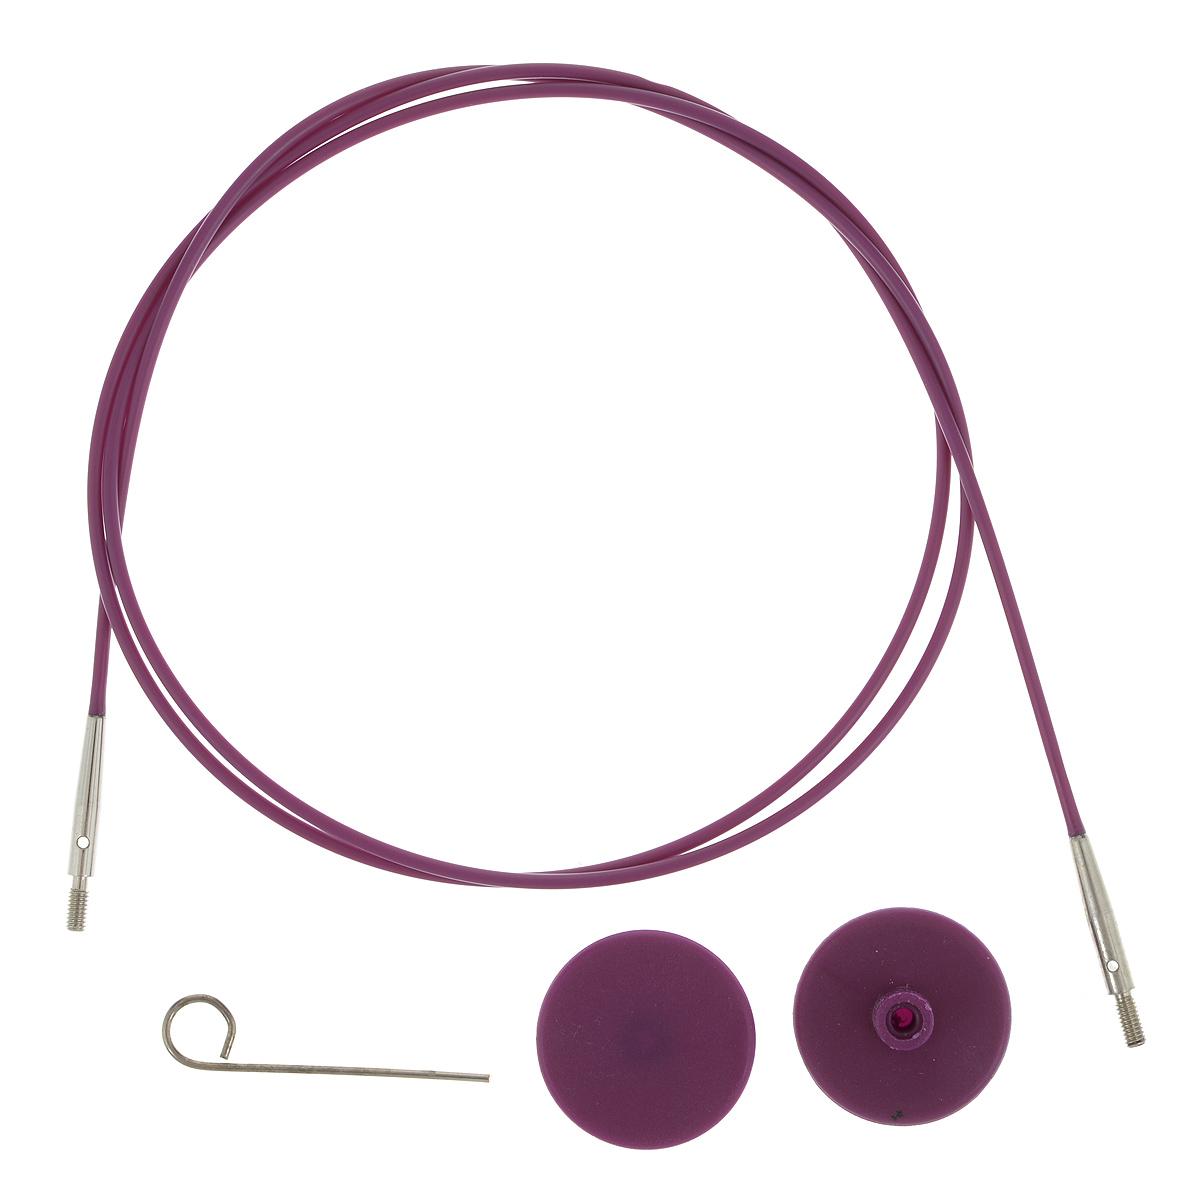 Тросик для съемных спиц KnitPro, с заглушками, цвет: фиолетовый, серебристый, длина 76 см цена